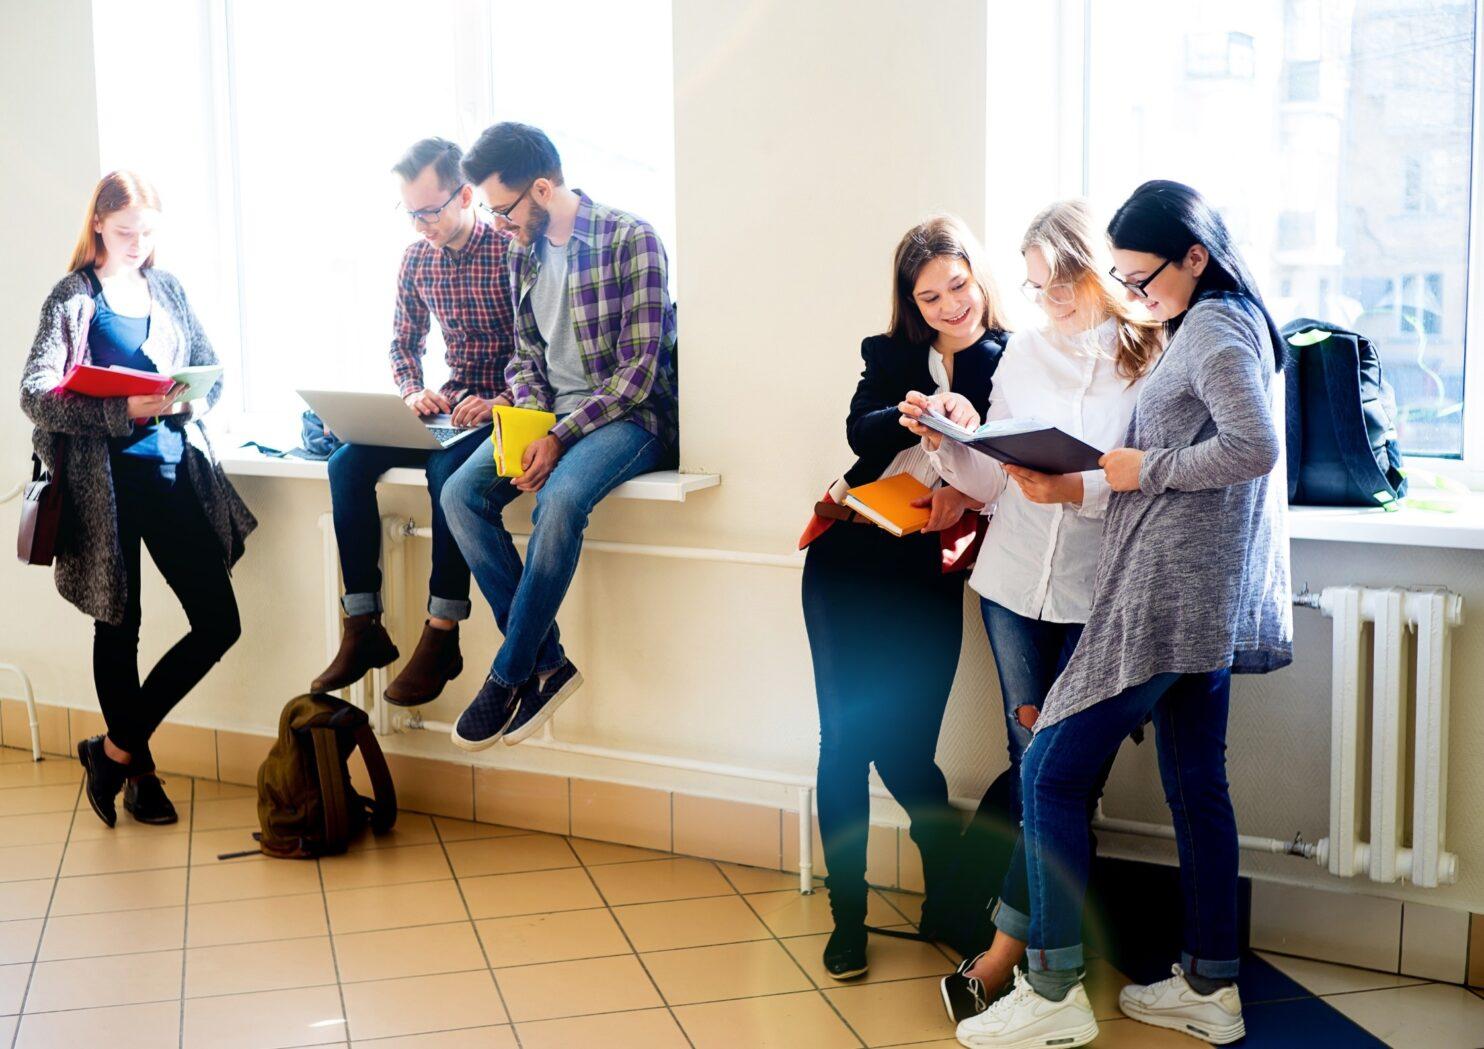 Via Universitària: accés, condicions d'aprenentatge, expectatives i retorns dels estudis universitaris